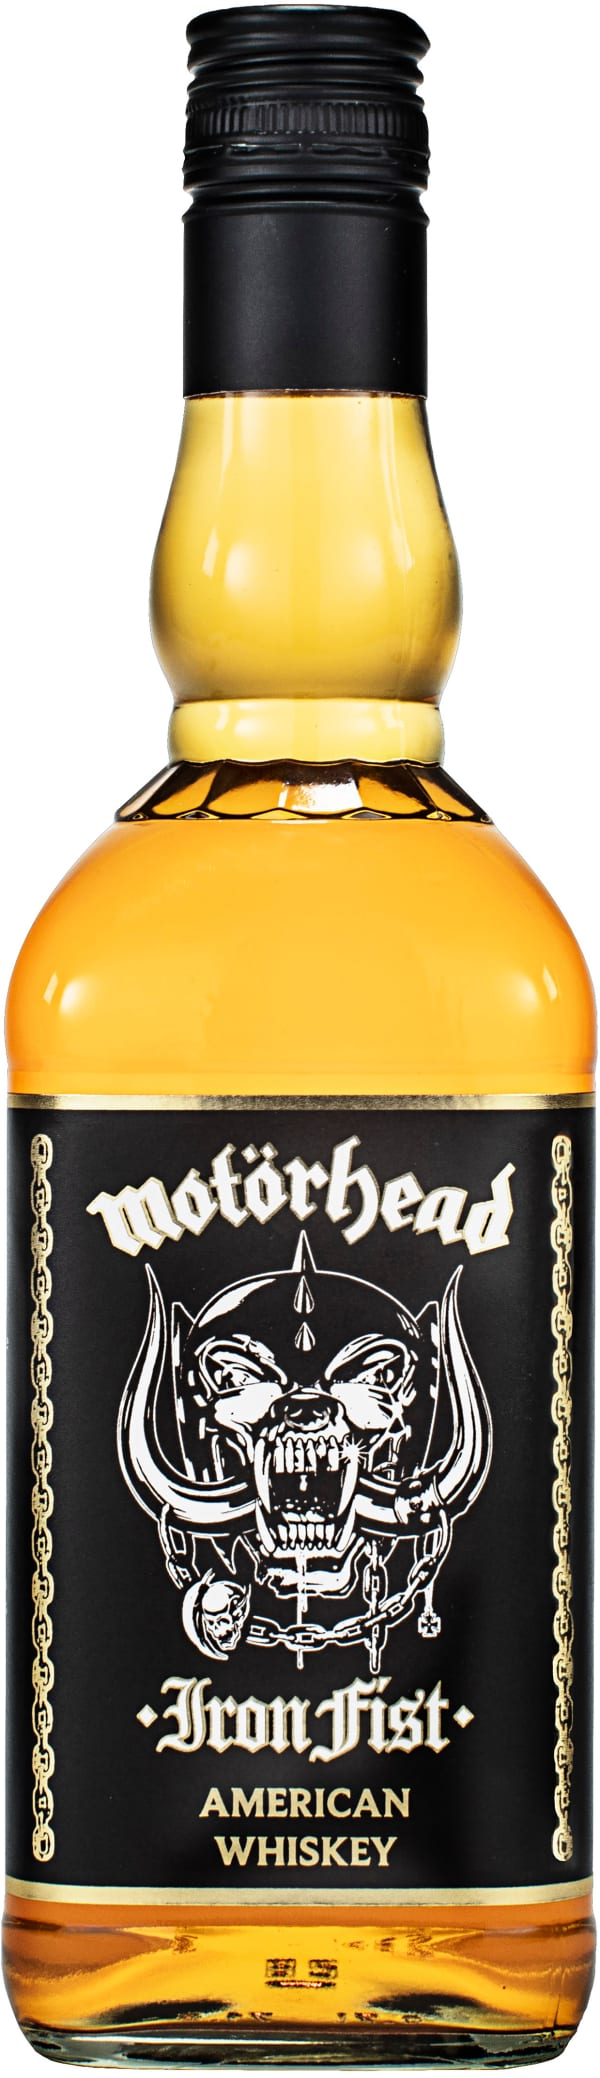 Motörhead Iron Fist American Whiskey